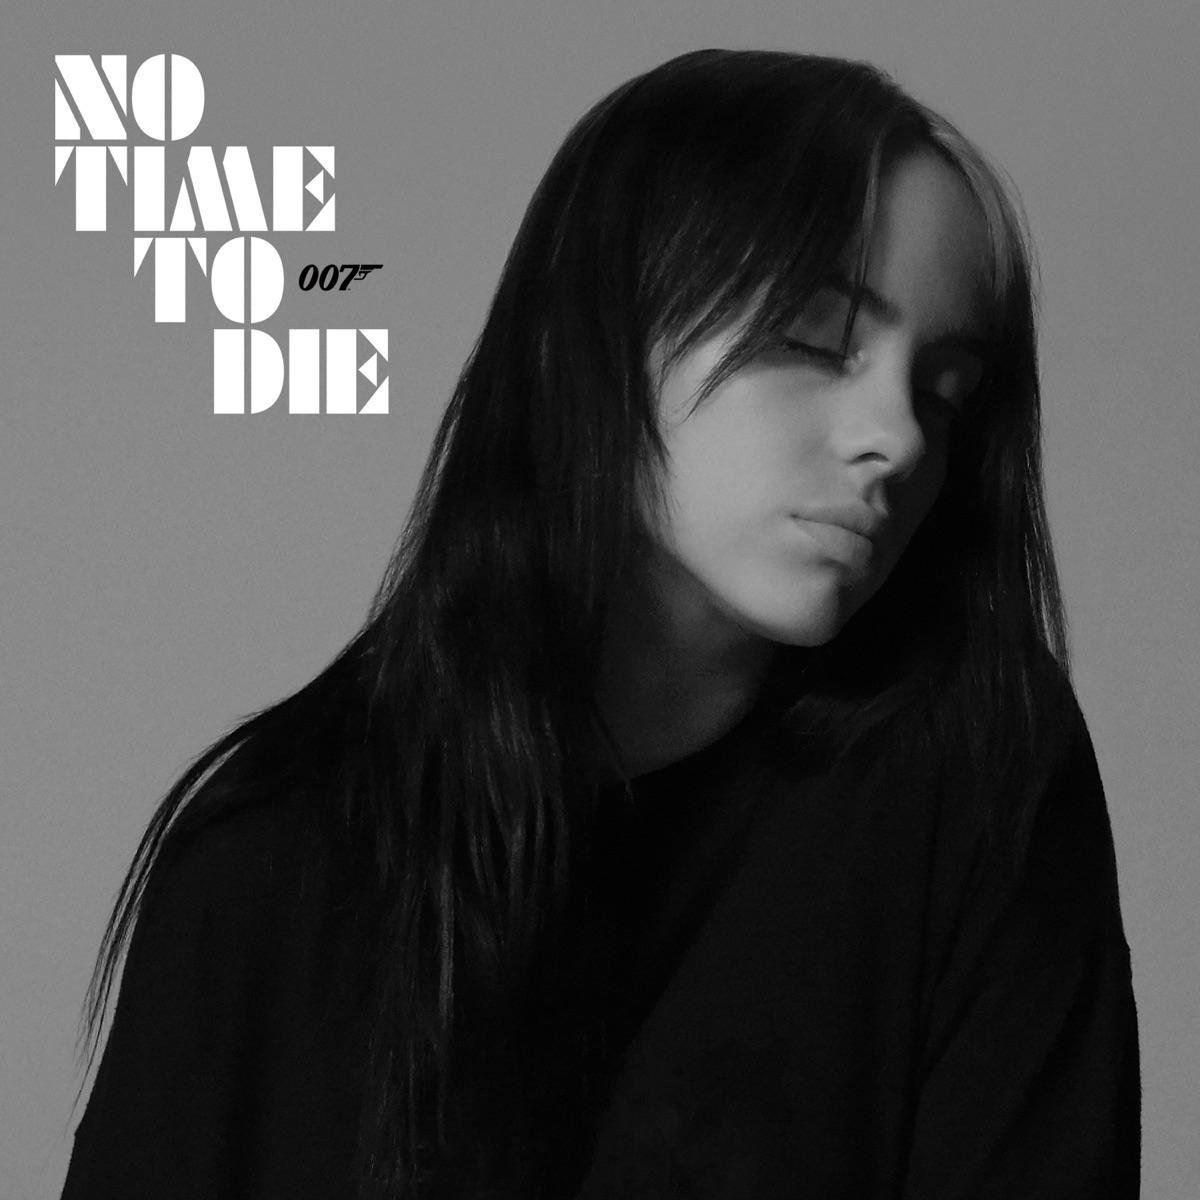 『ビリー・アイリッシュ - No Time To Die』収録の『No Time To Die』ジャケット